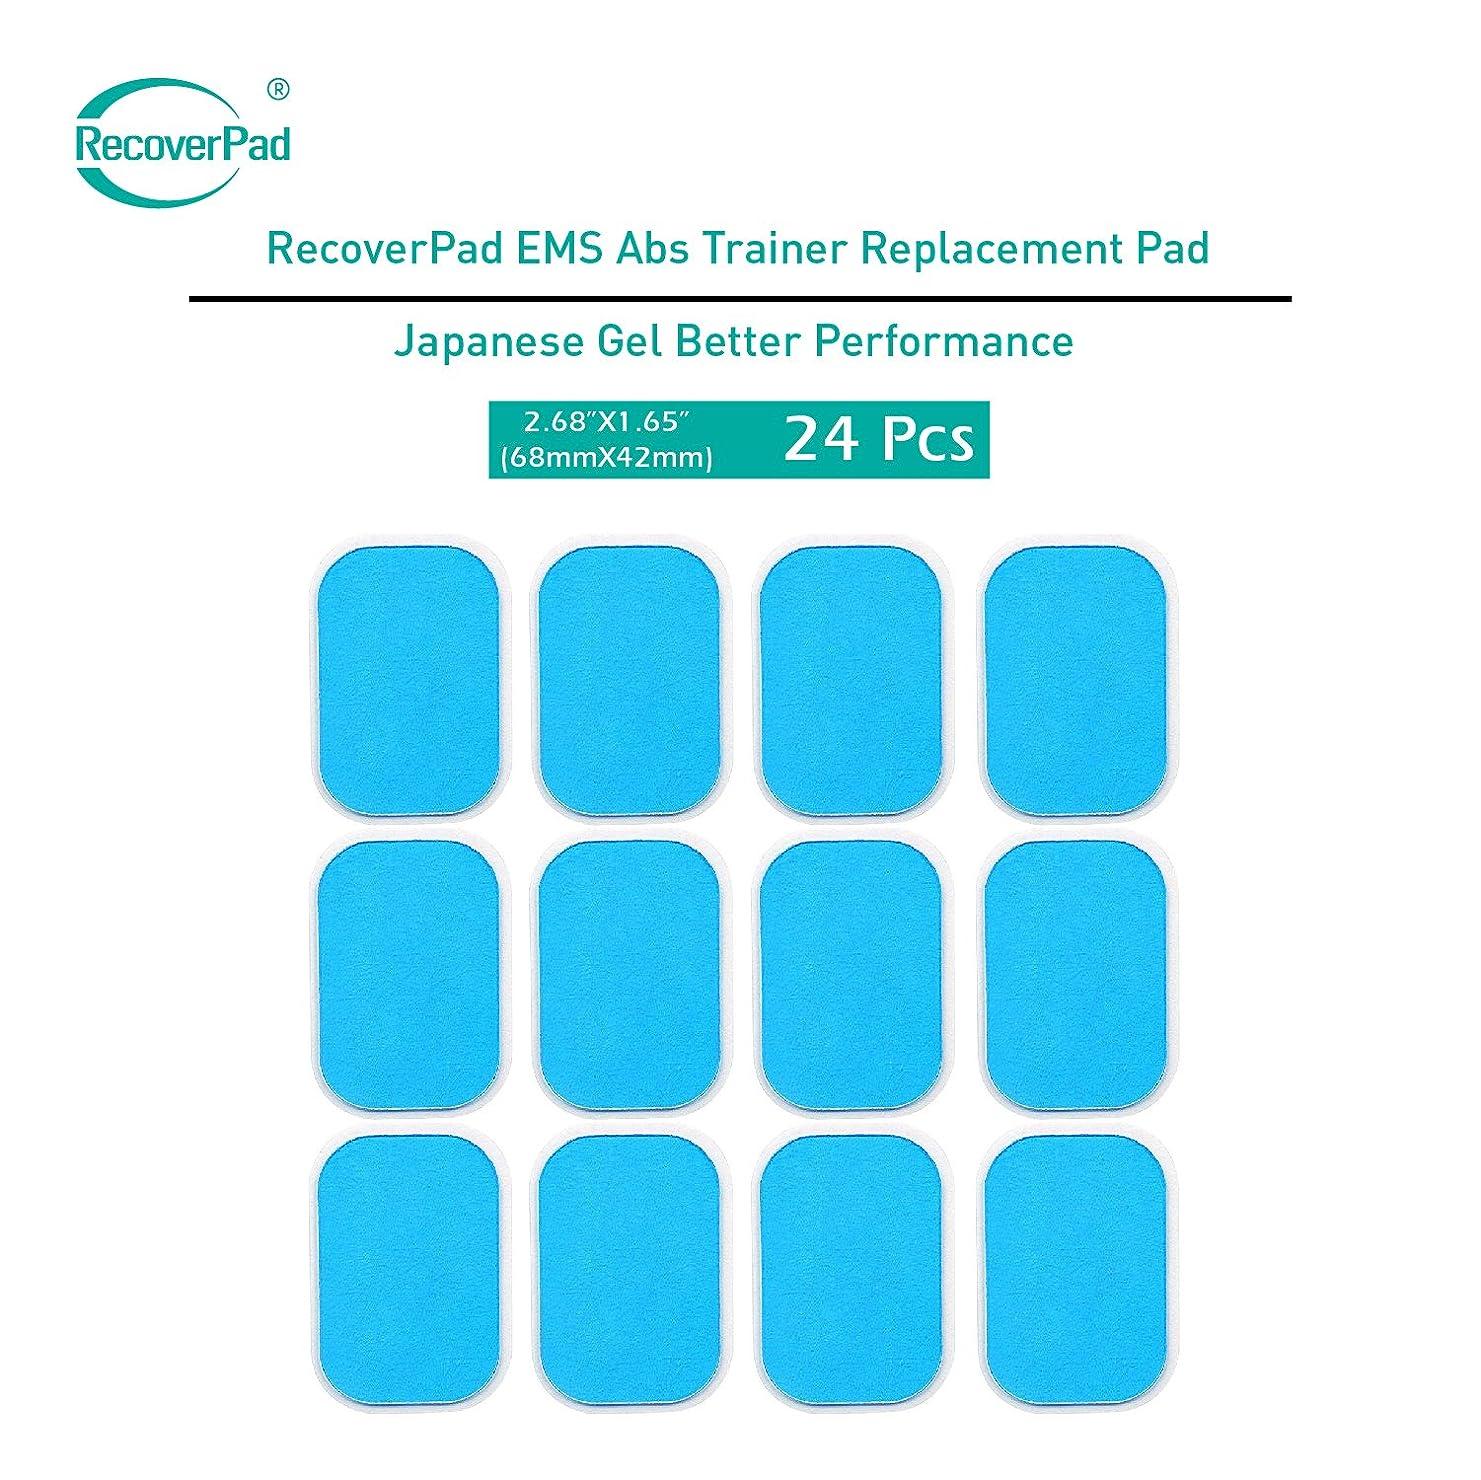 構成員新着ドキュメンタリーRecoverPad 24 Pads of EMS Abs Trainer Replacement Japanese Made Gel Sheet for Muscle Abdominal Ab Trainer Stimulator Gel Pads Accessories